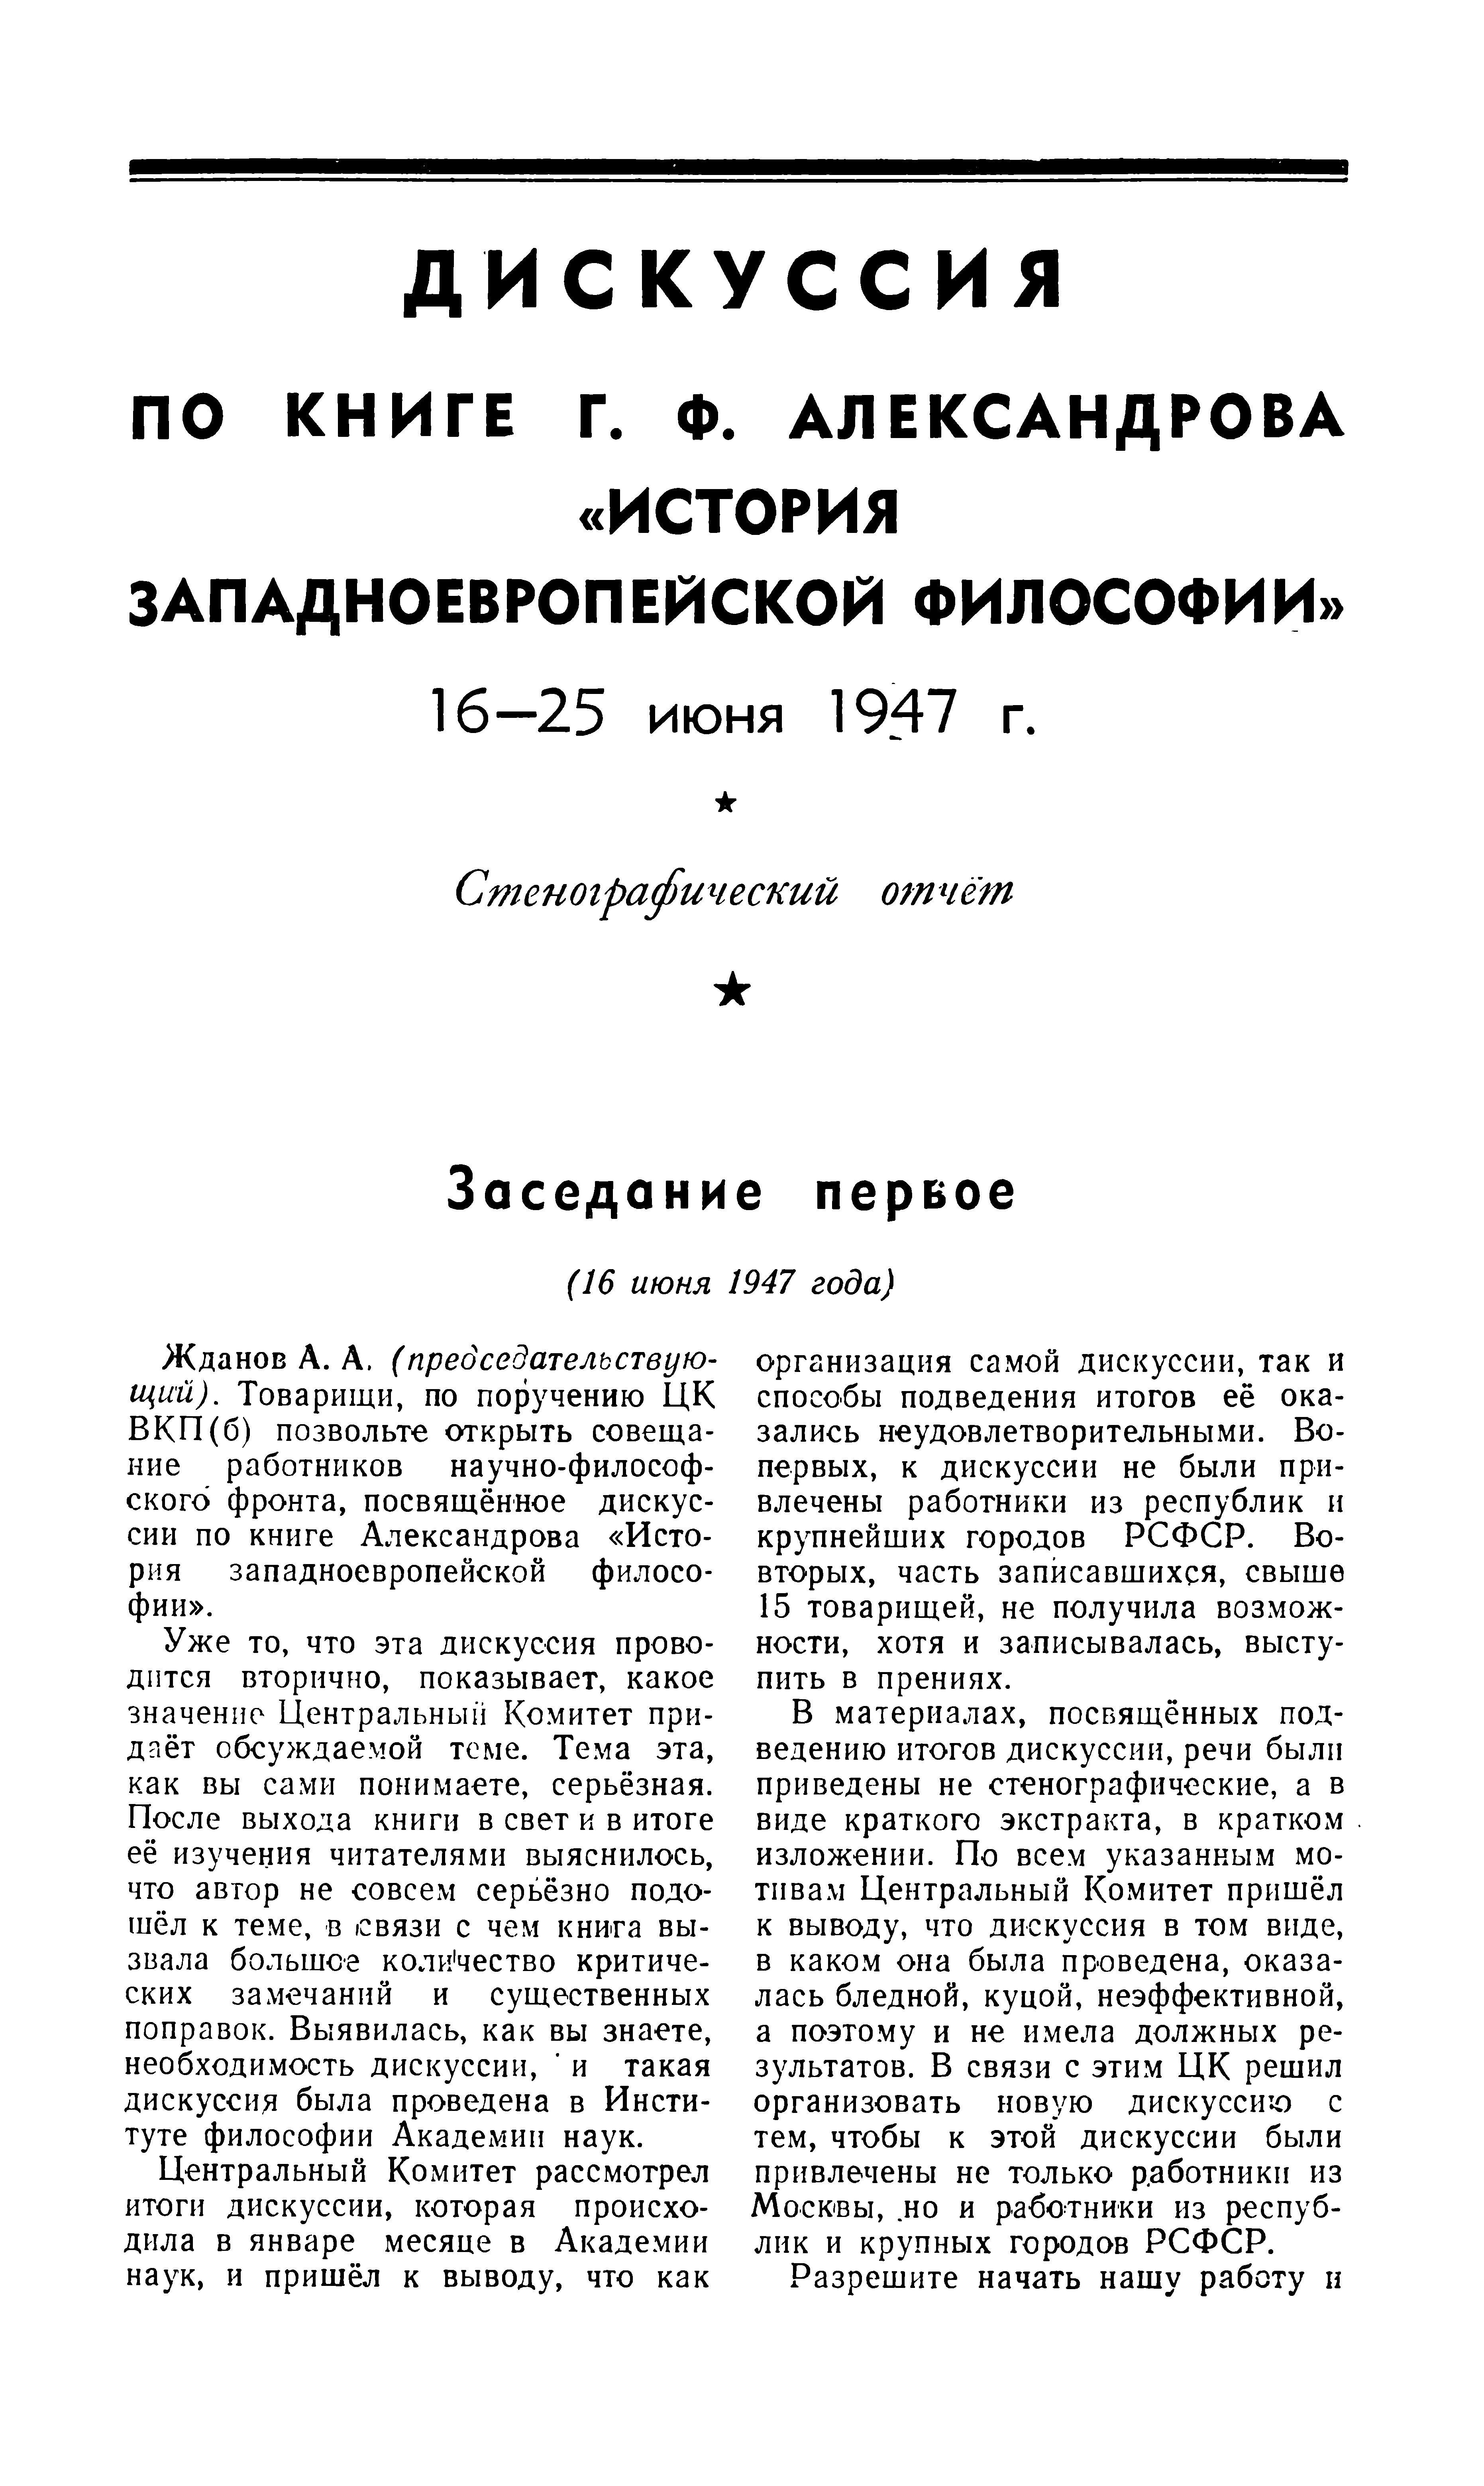 ВФ №1 1947 - без облож и знака РП_4